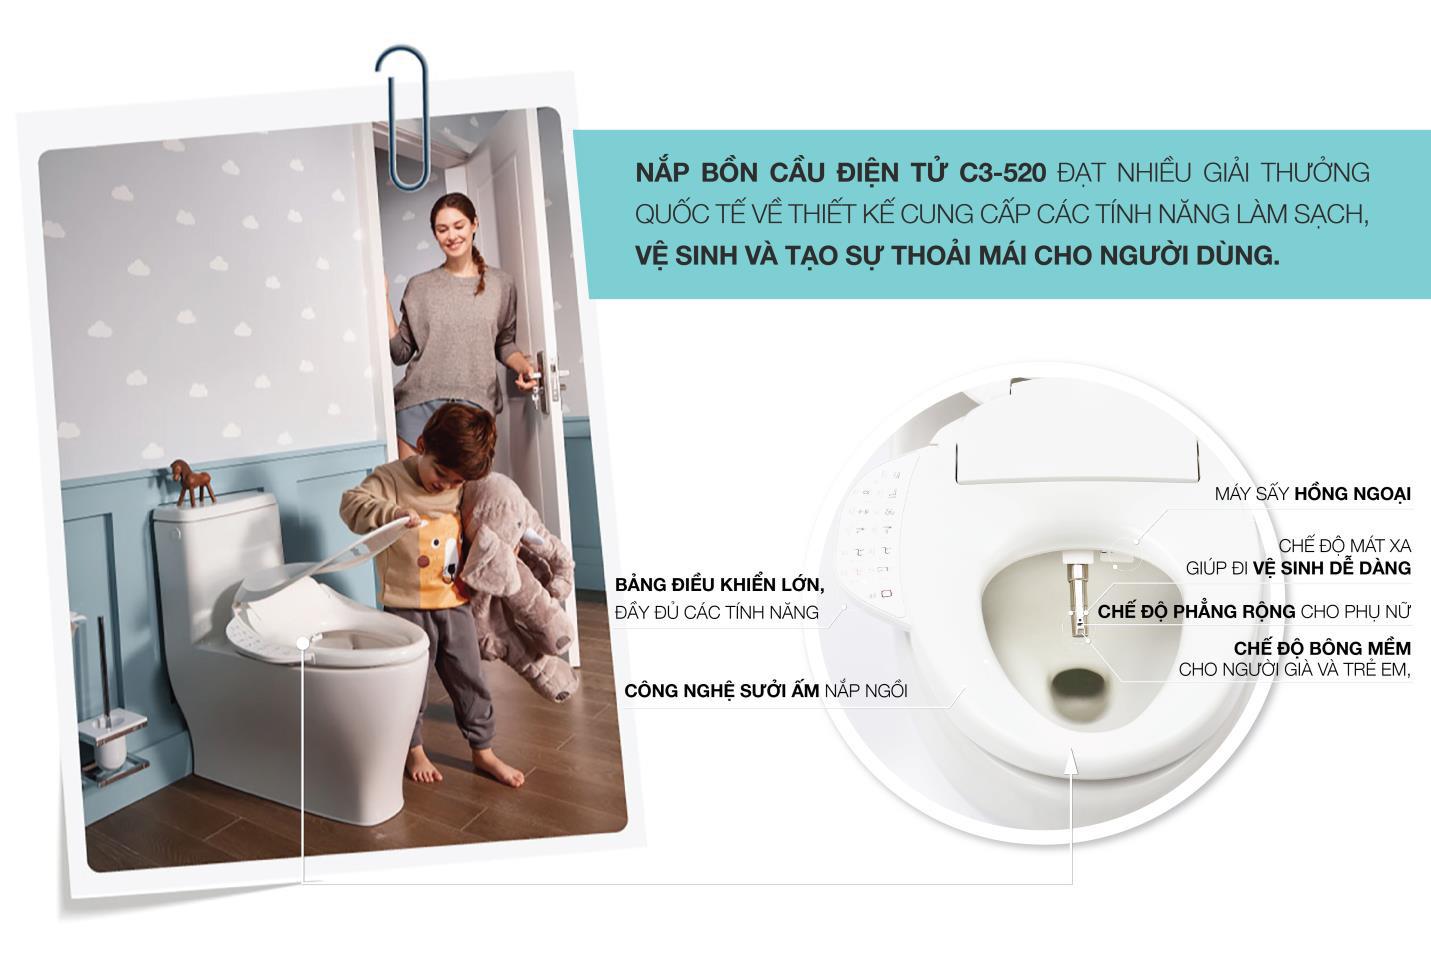 Cùng RitaVõ và Kohler xây dựng tổ ấm với bộ sản phẩm Family Care - Ảnh 4.